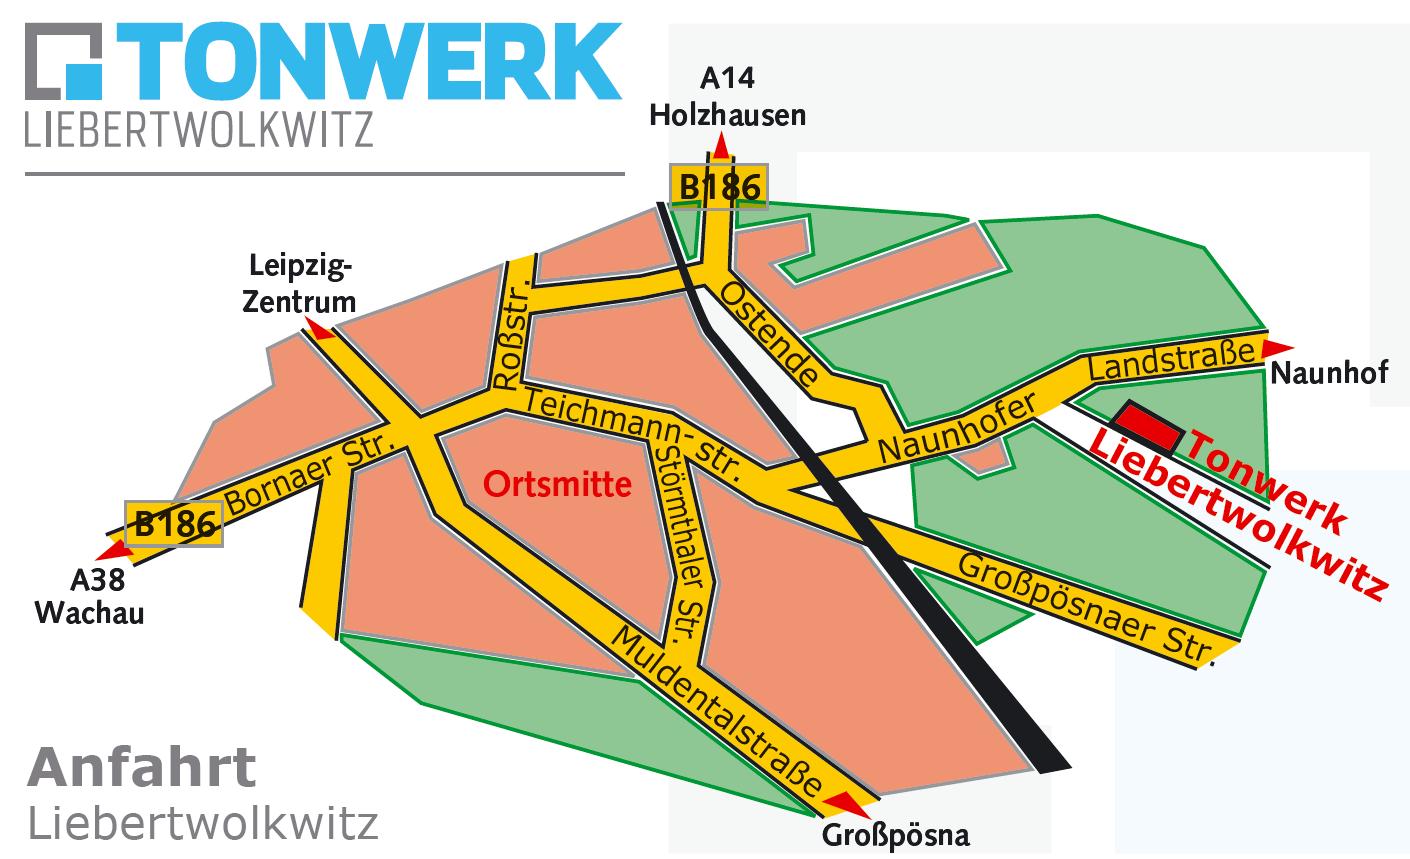 Tonwerk Liebertwolkwitz GmbH